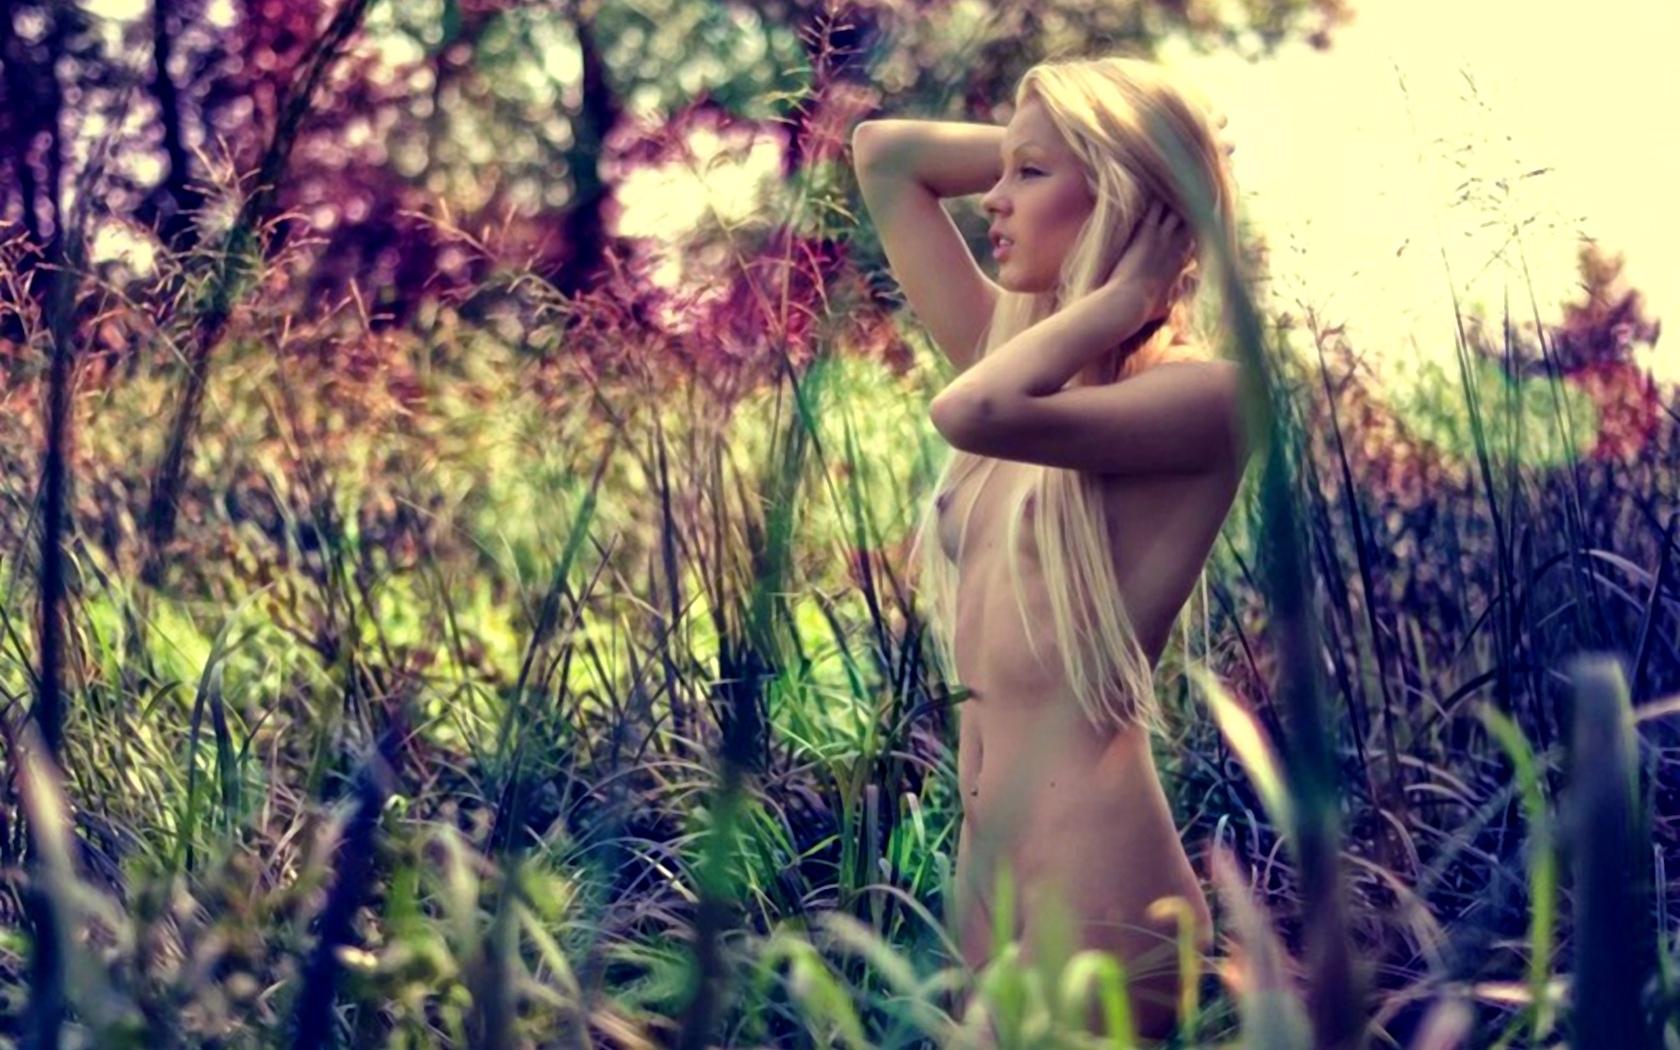 модель, на открытом воздухе, эротика, девушки, голые, голые, грудь, блондинка